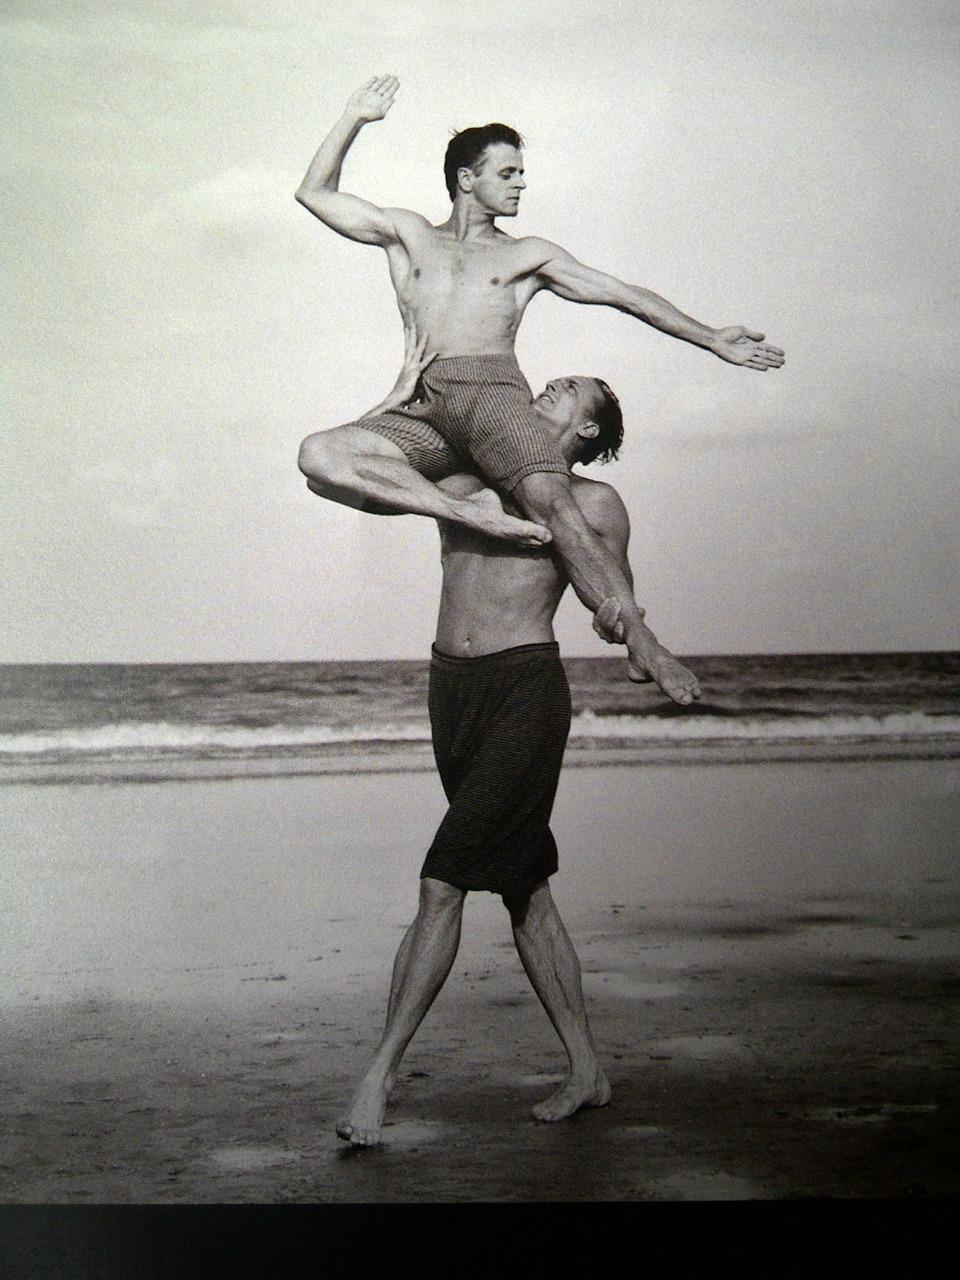 palonka: mikhail baryshnikov and rob besserer - 1990 photographer: annie leibovitz